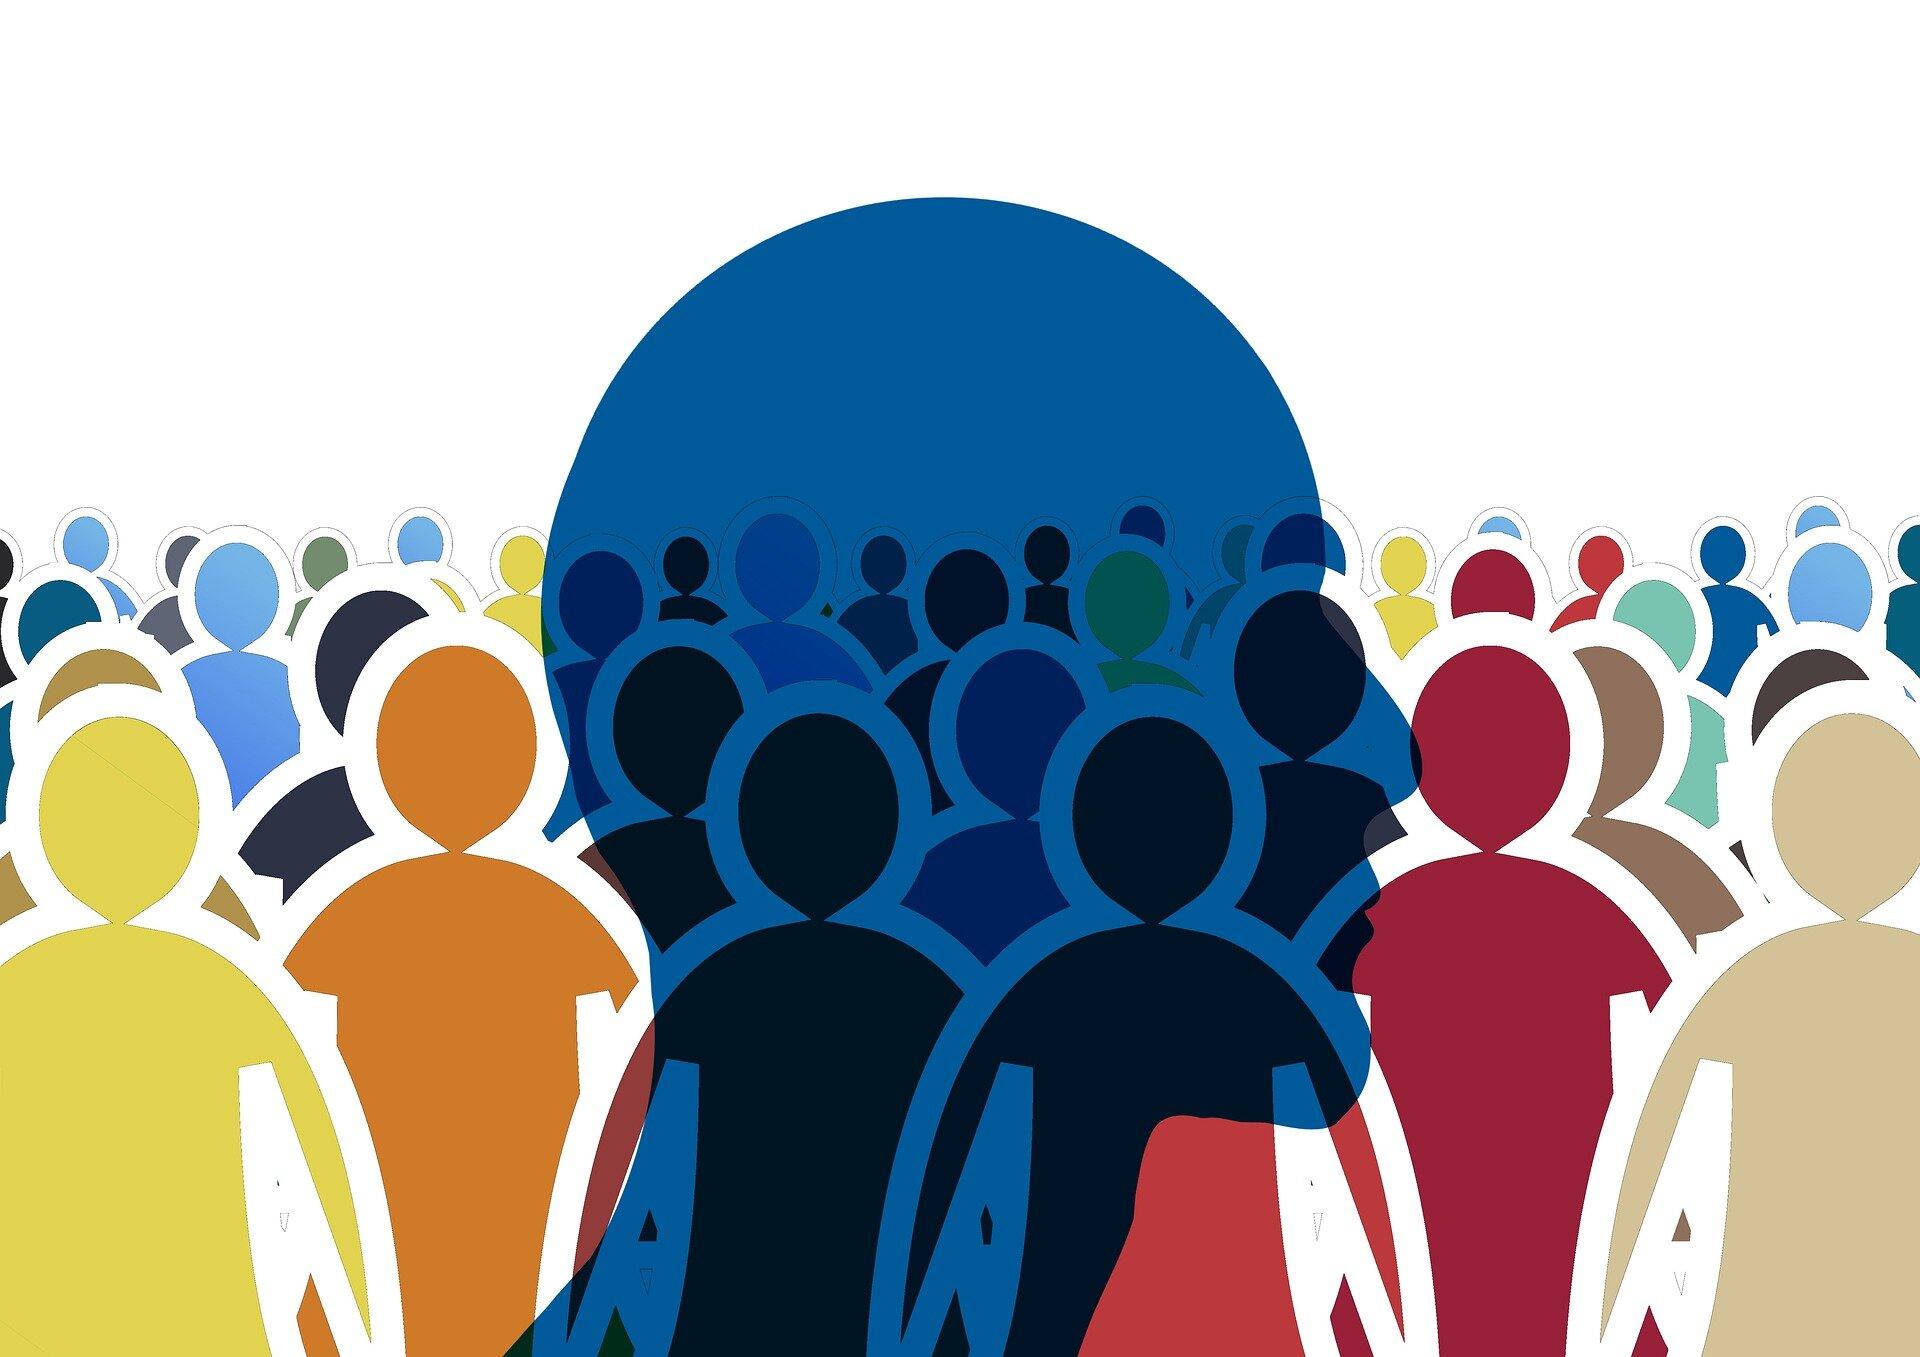 Neue Forschung zeigt, Kinder und Jugendliche sorgen sich über politische Themen